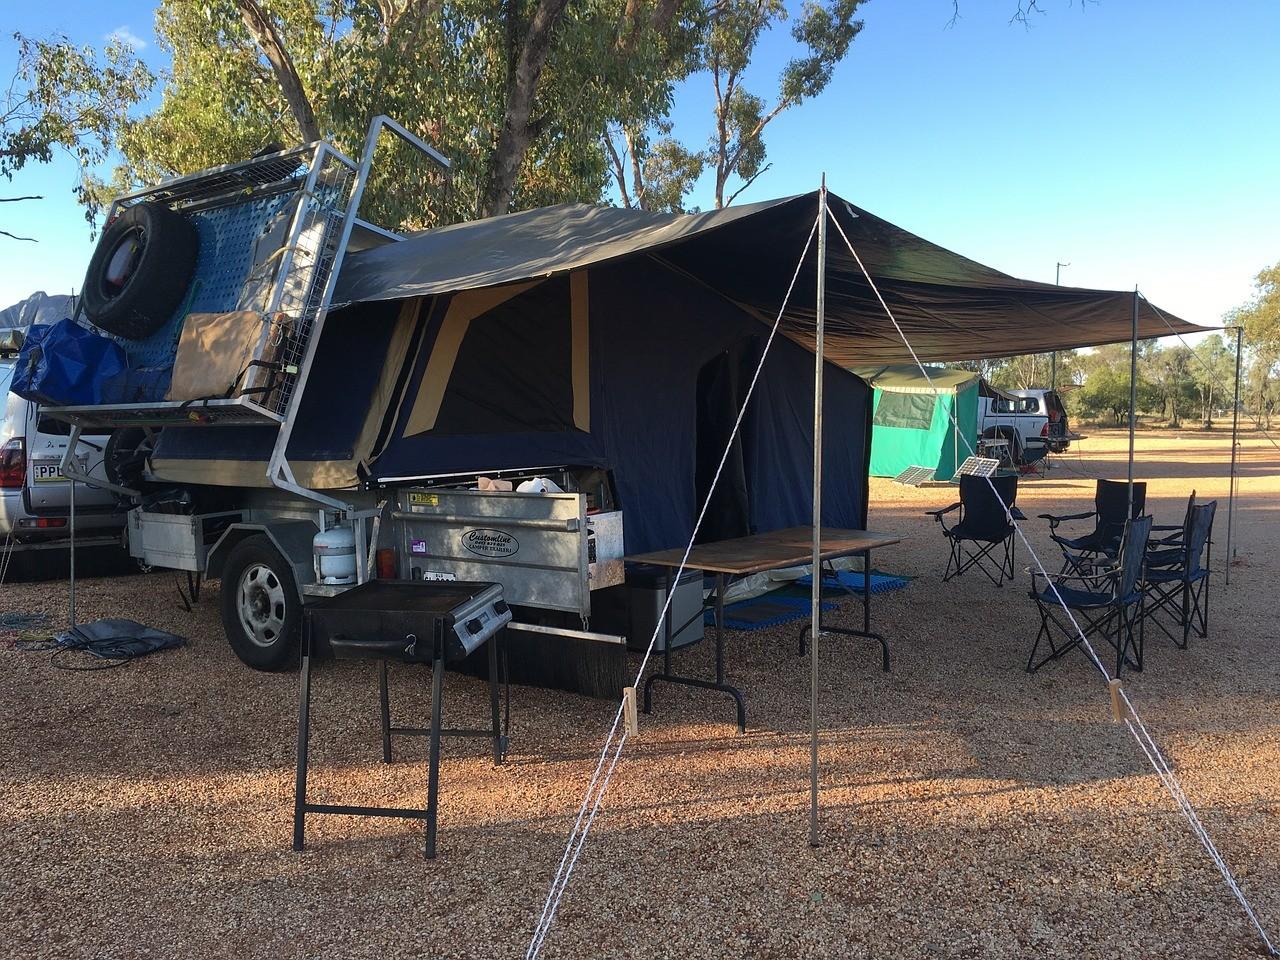 Die Unterkunft: Hotel, Ferienhaus oder Camping?